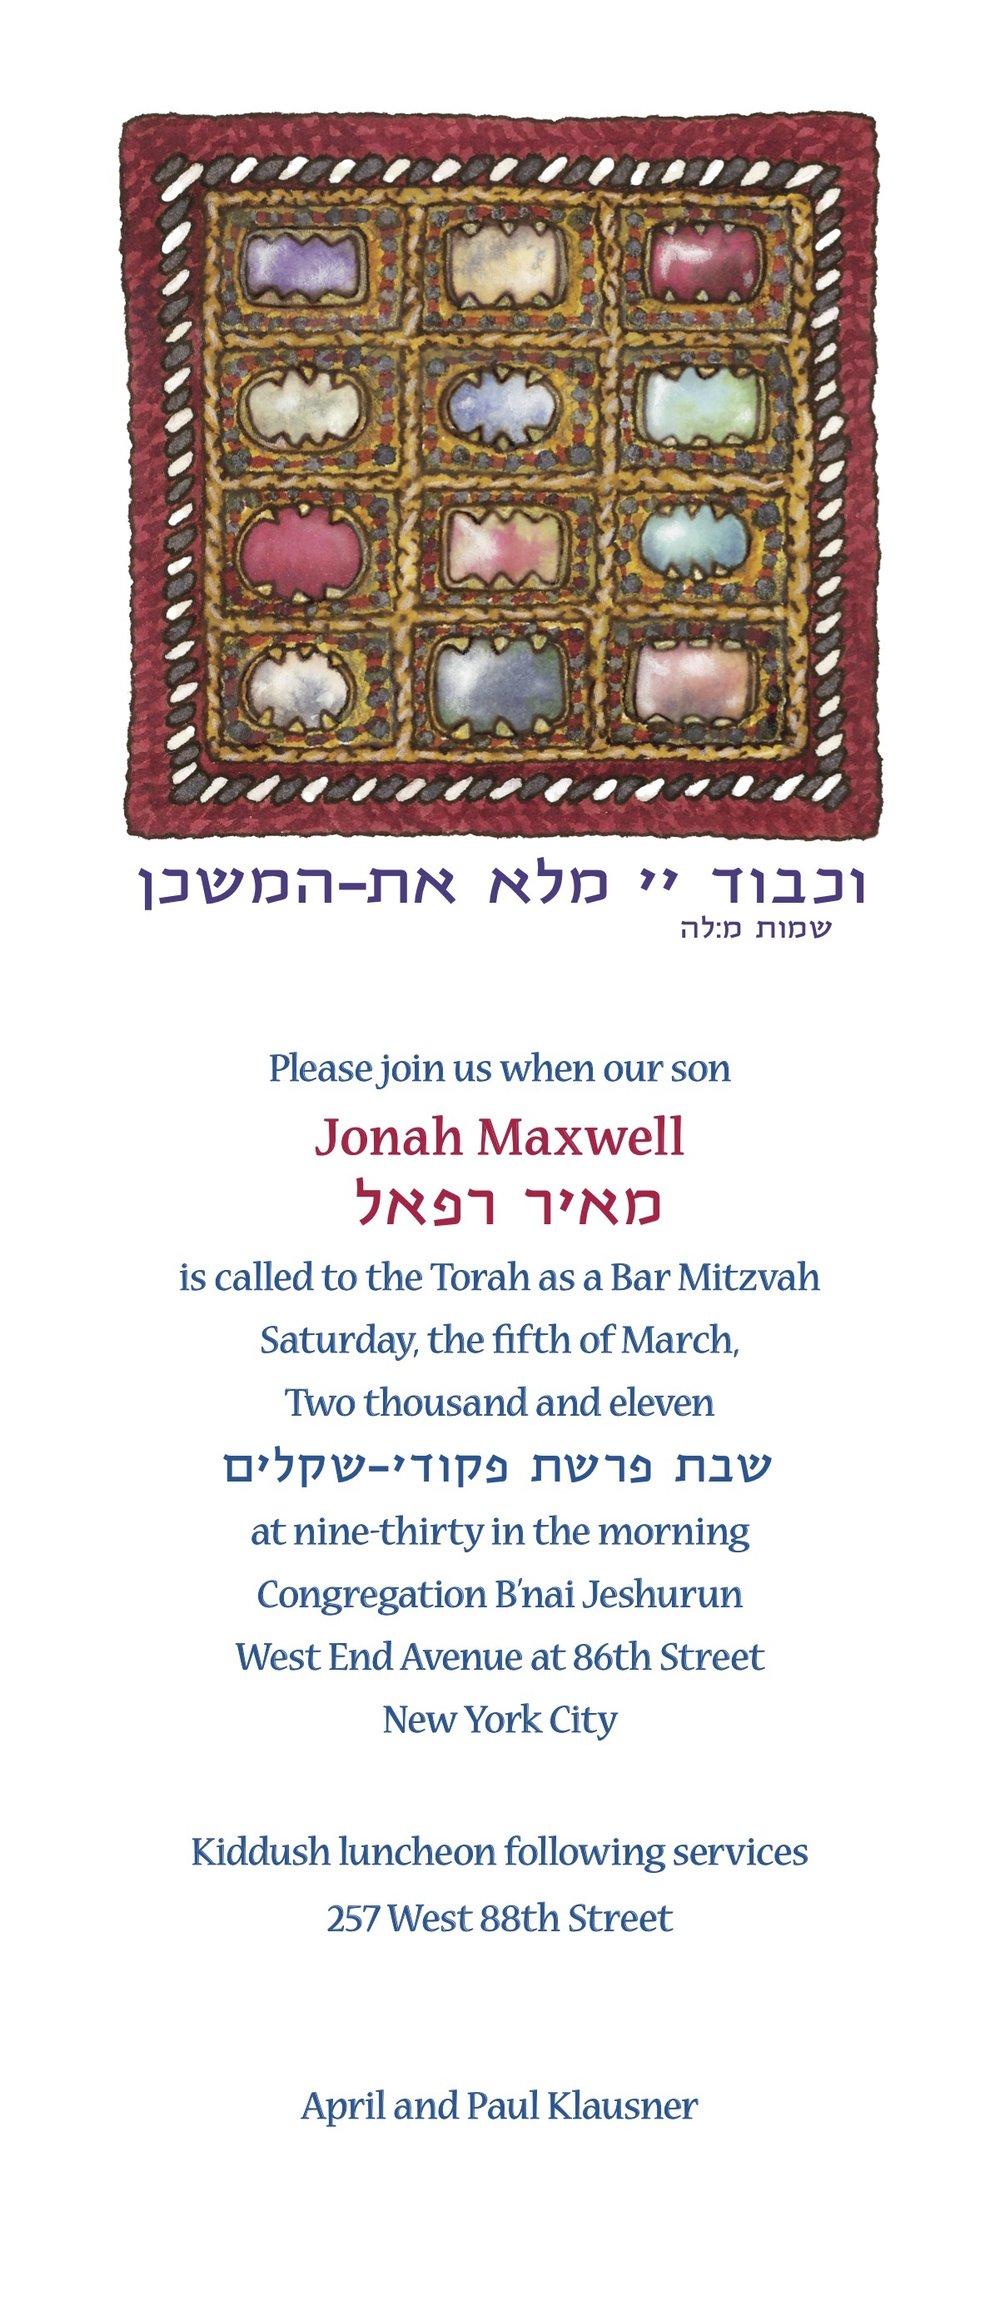 Bar Mitzvah Invite-Pekudei